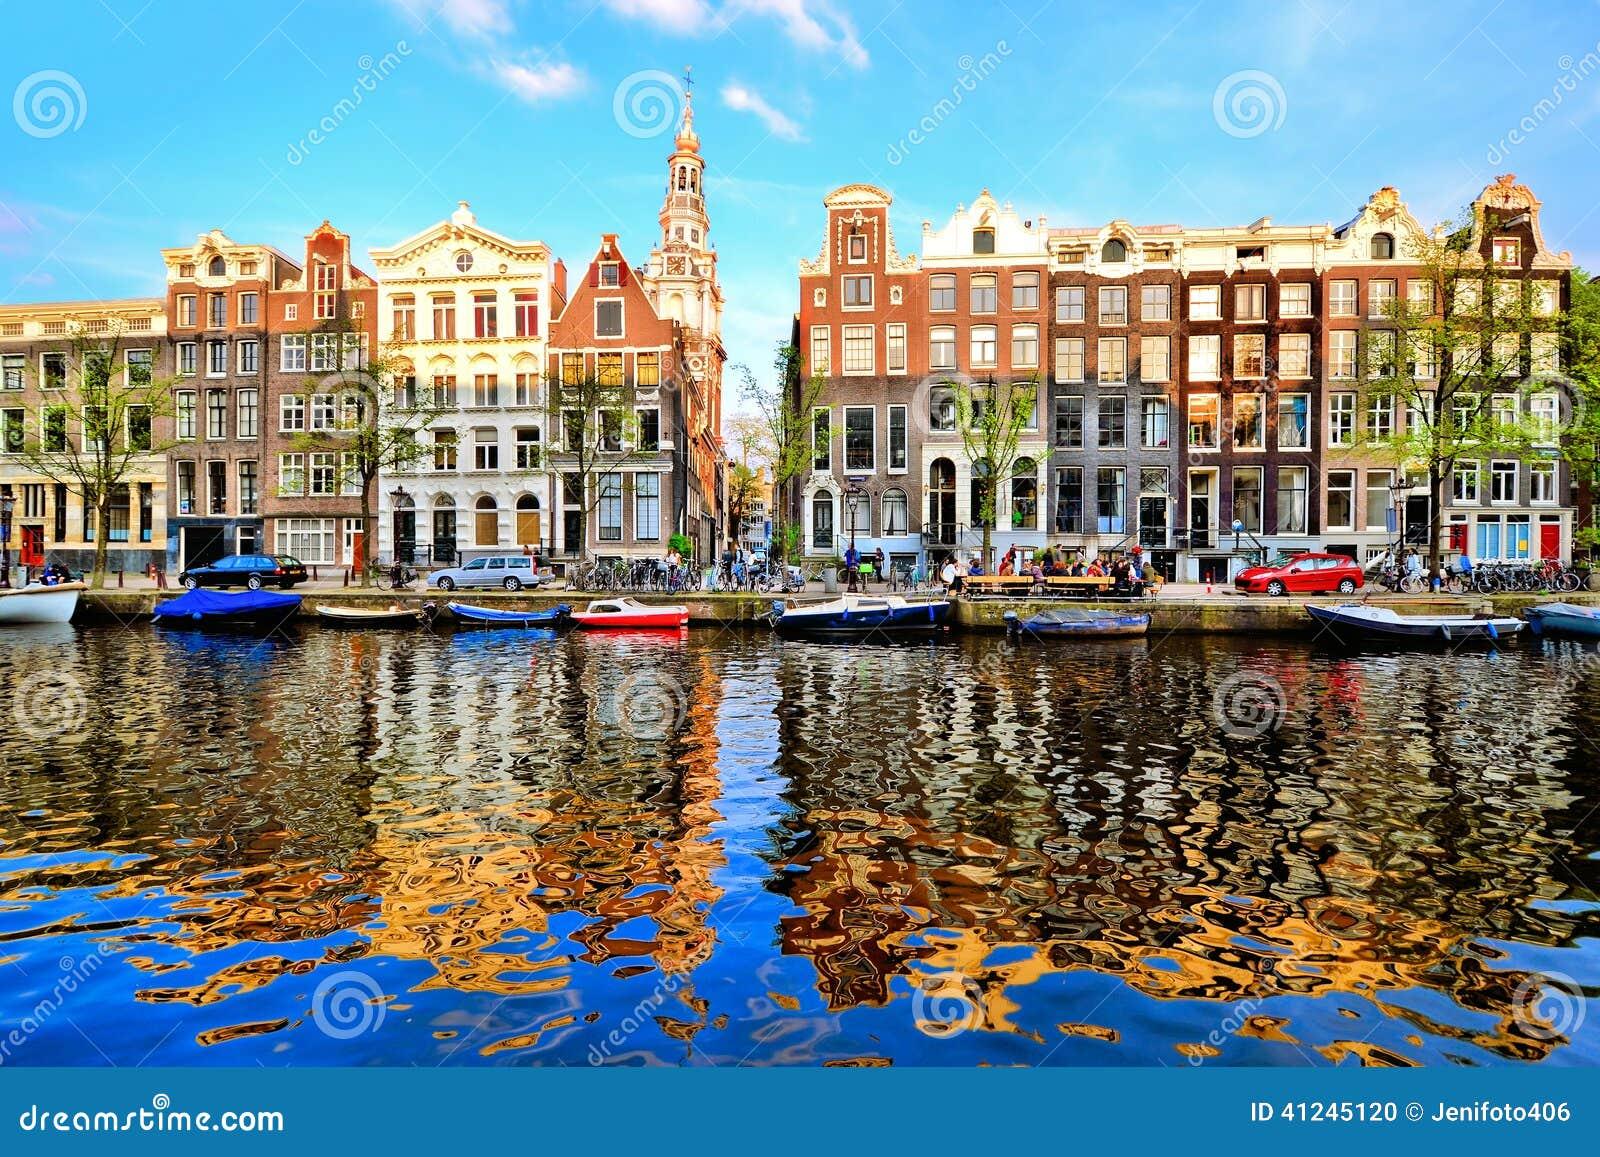 Reflexões de Amsterdão